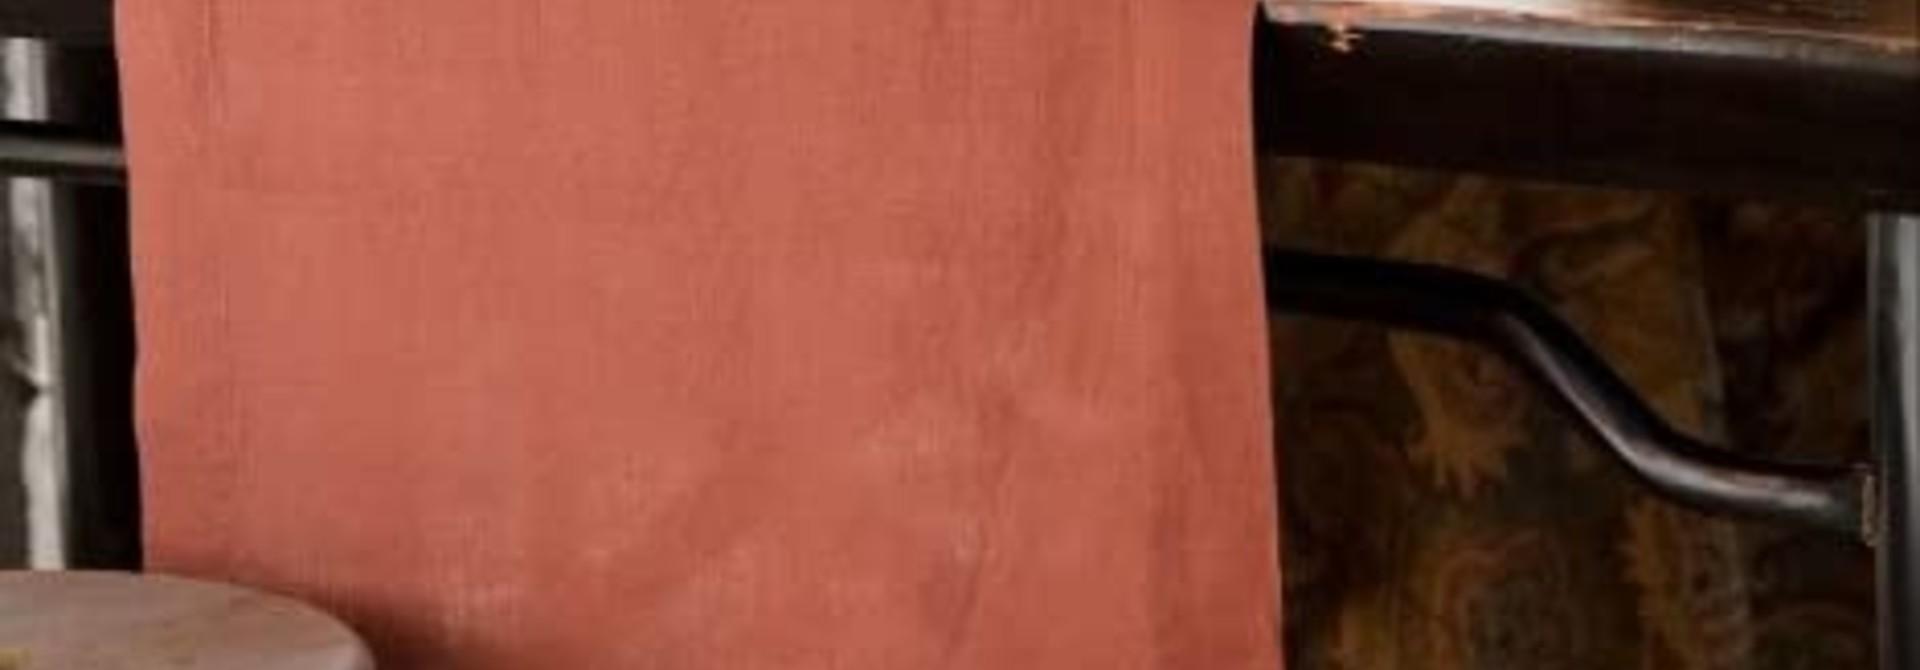 Tablecloth - Vence - Henna